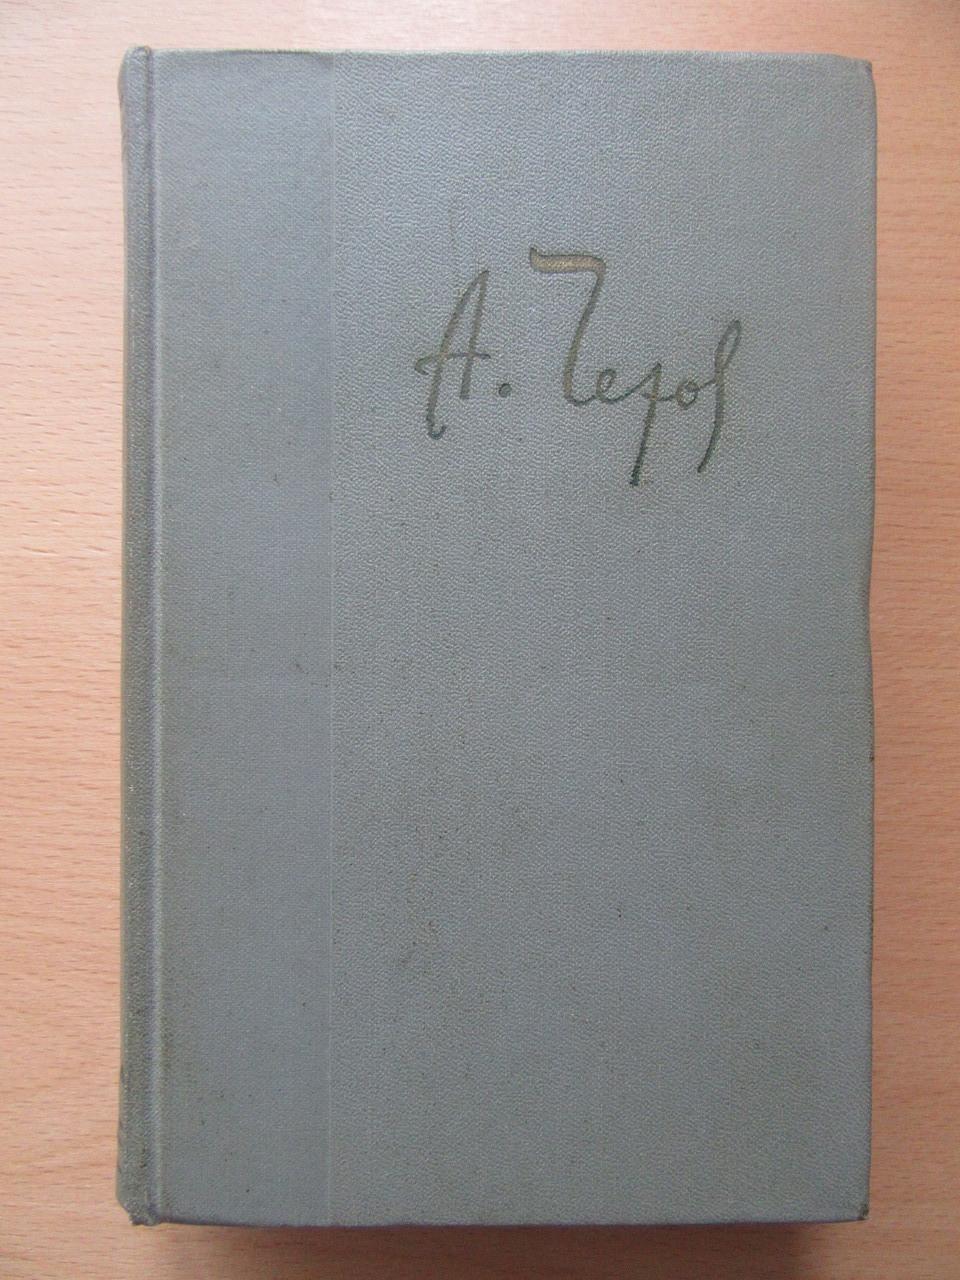 А.П.Чехов. Письма 1877-1892гг. Том 11-й СС в 12-ти томах. 1963г